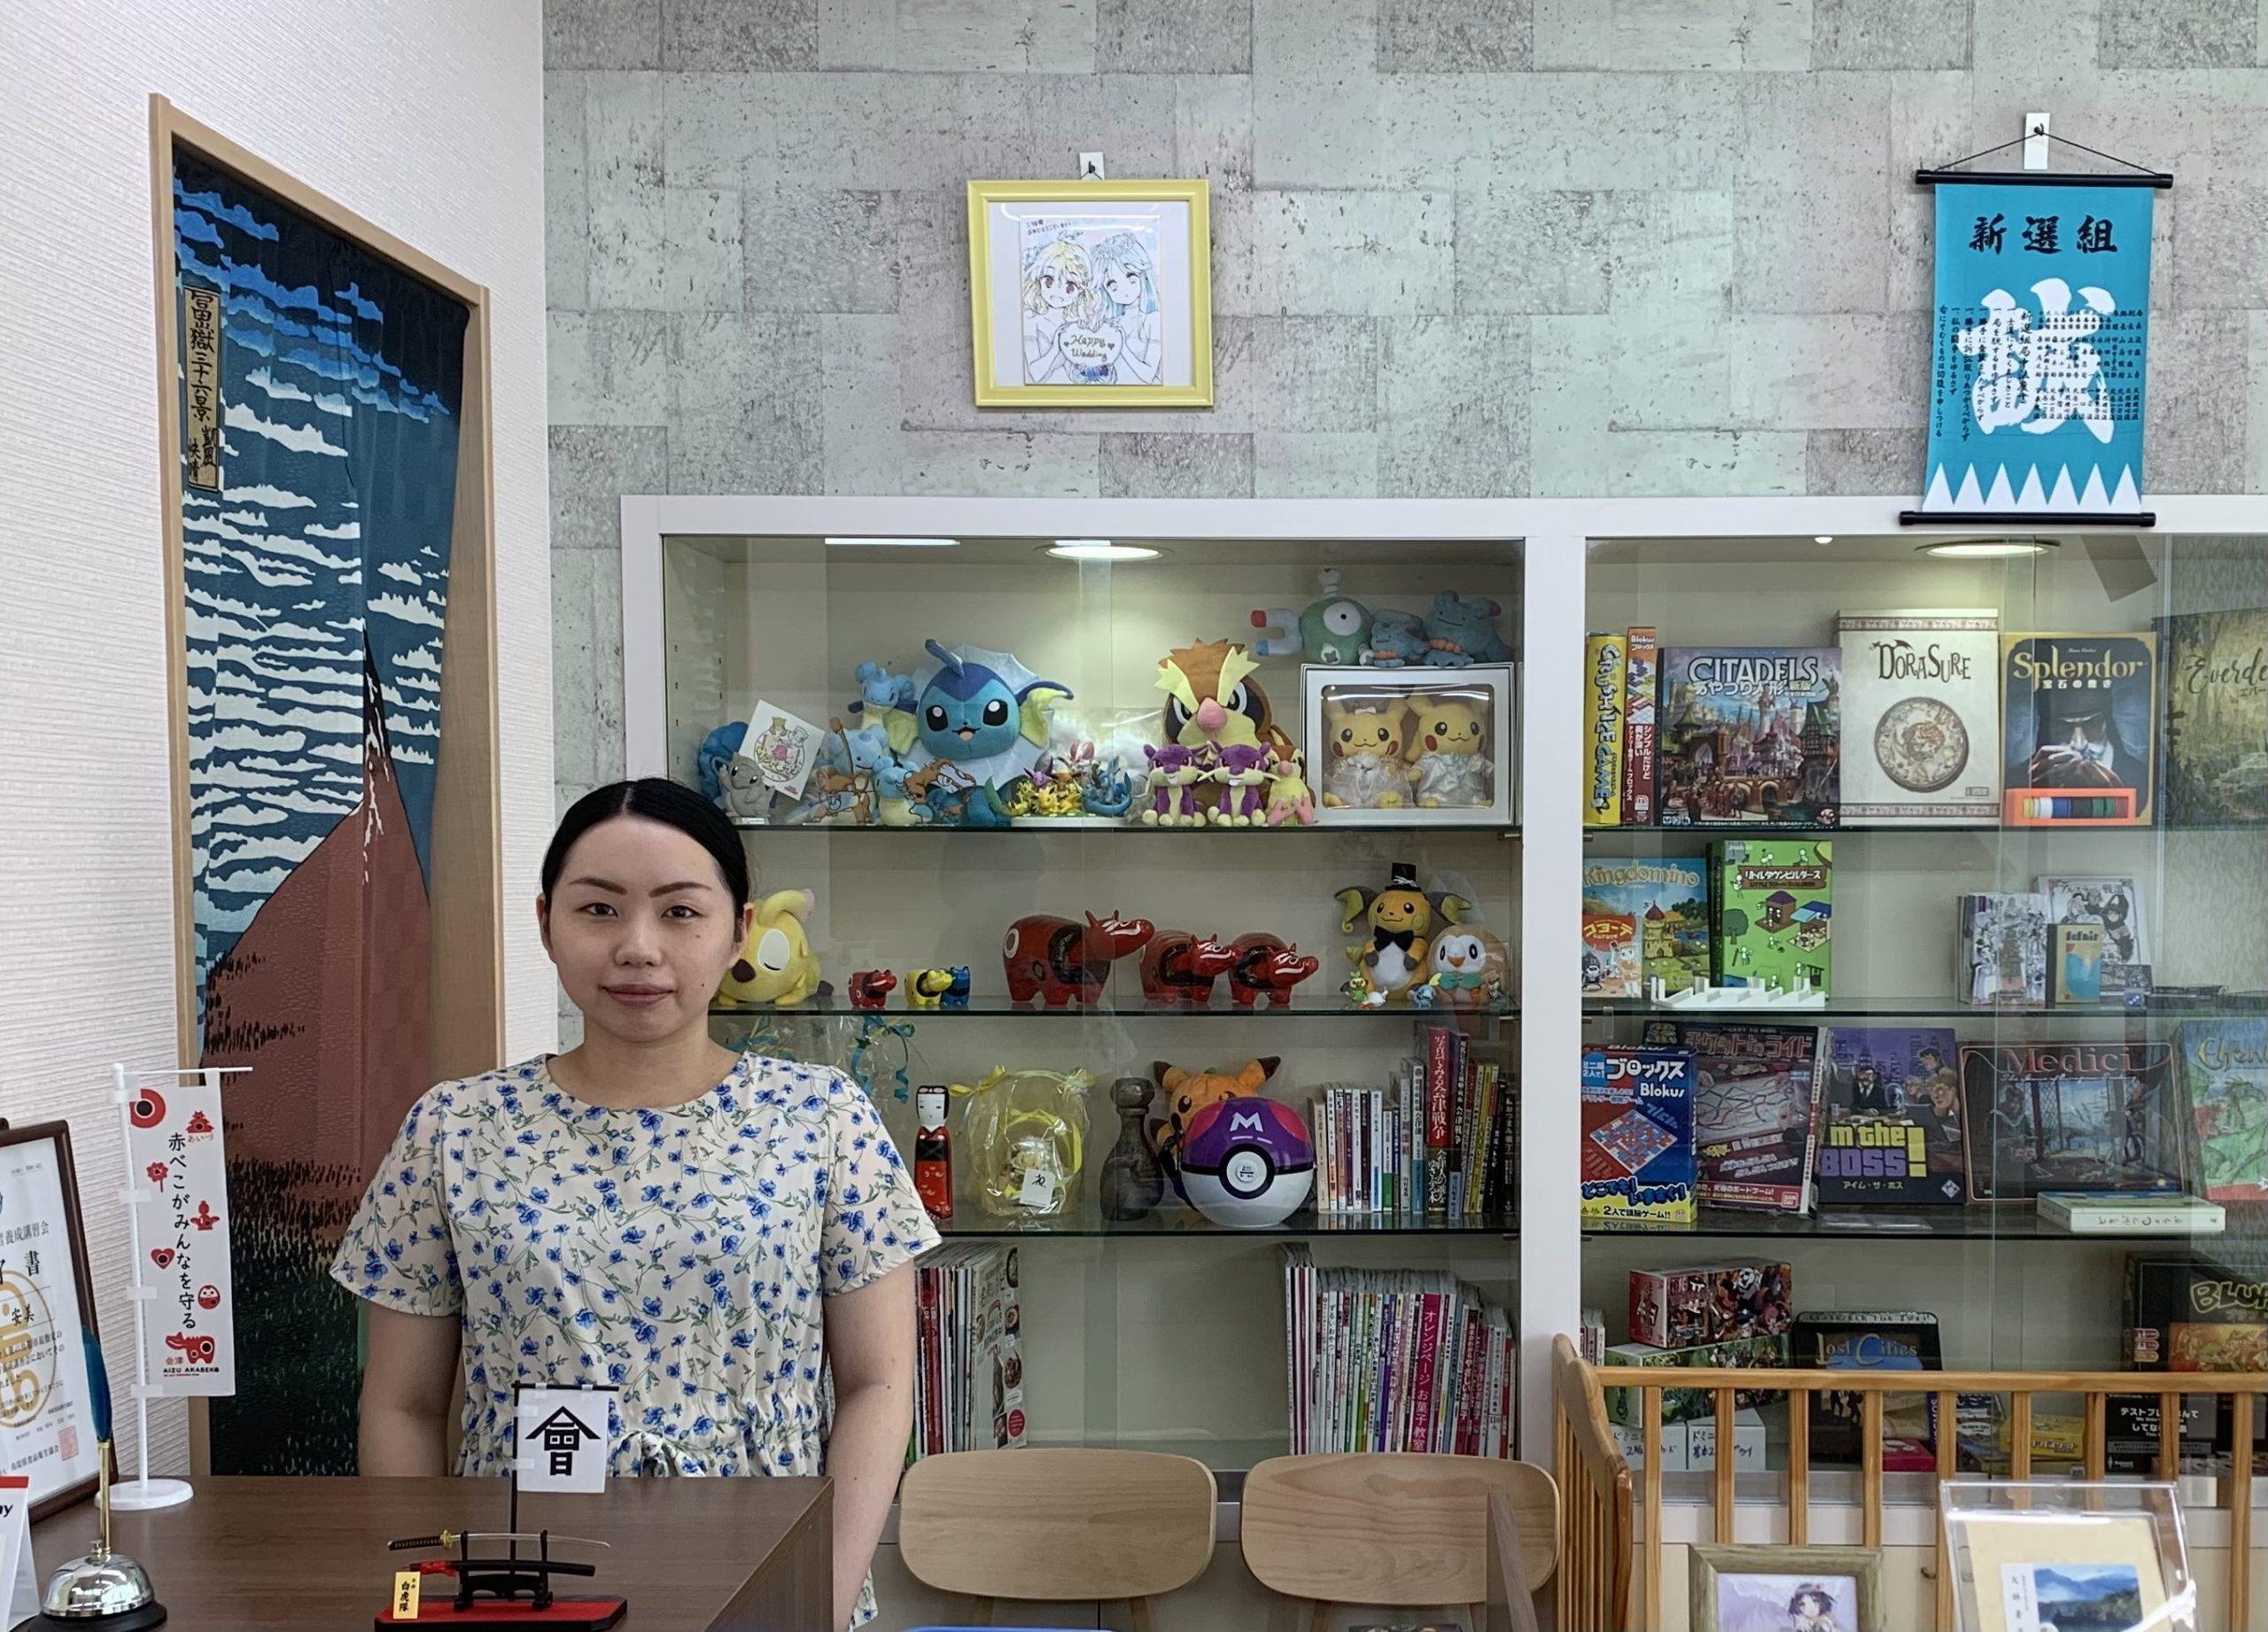 時計×カフェ×歴史!?得意と好きで勝負する「歴史カフェ会津」の斬新な事業承継戦略